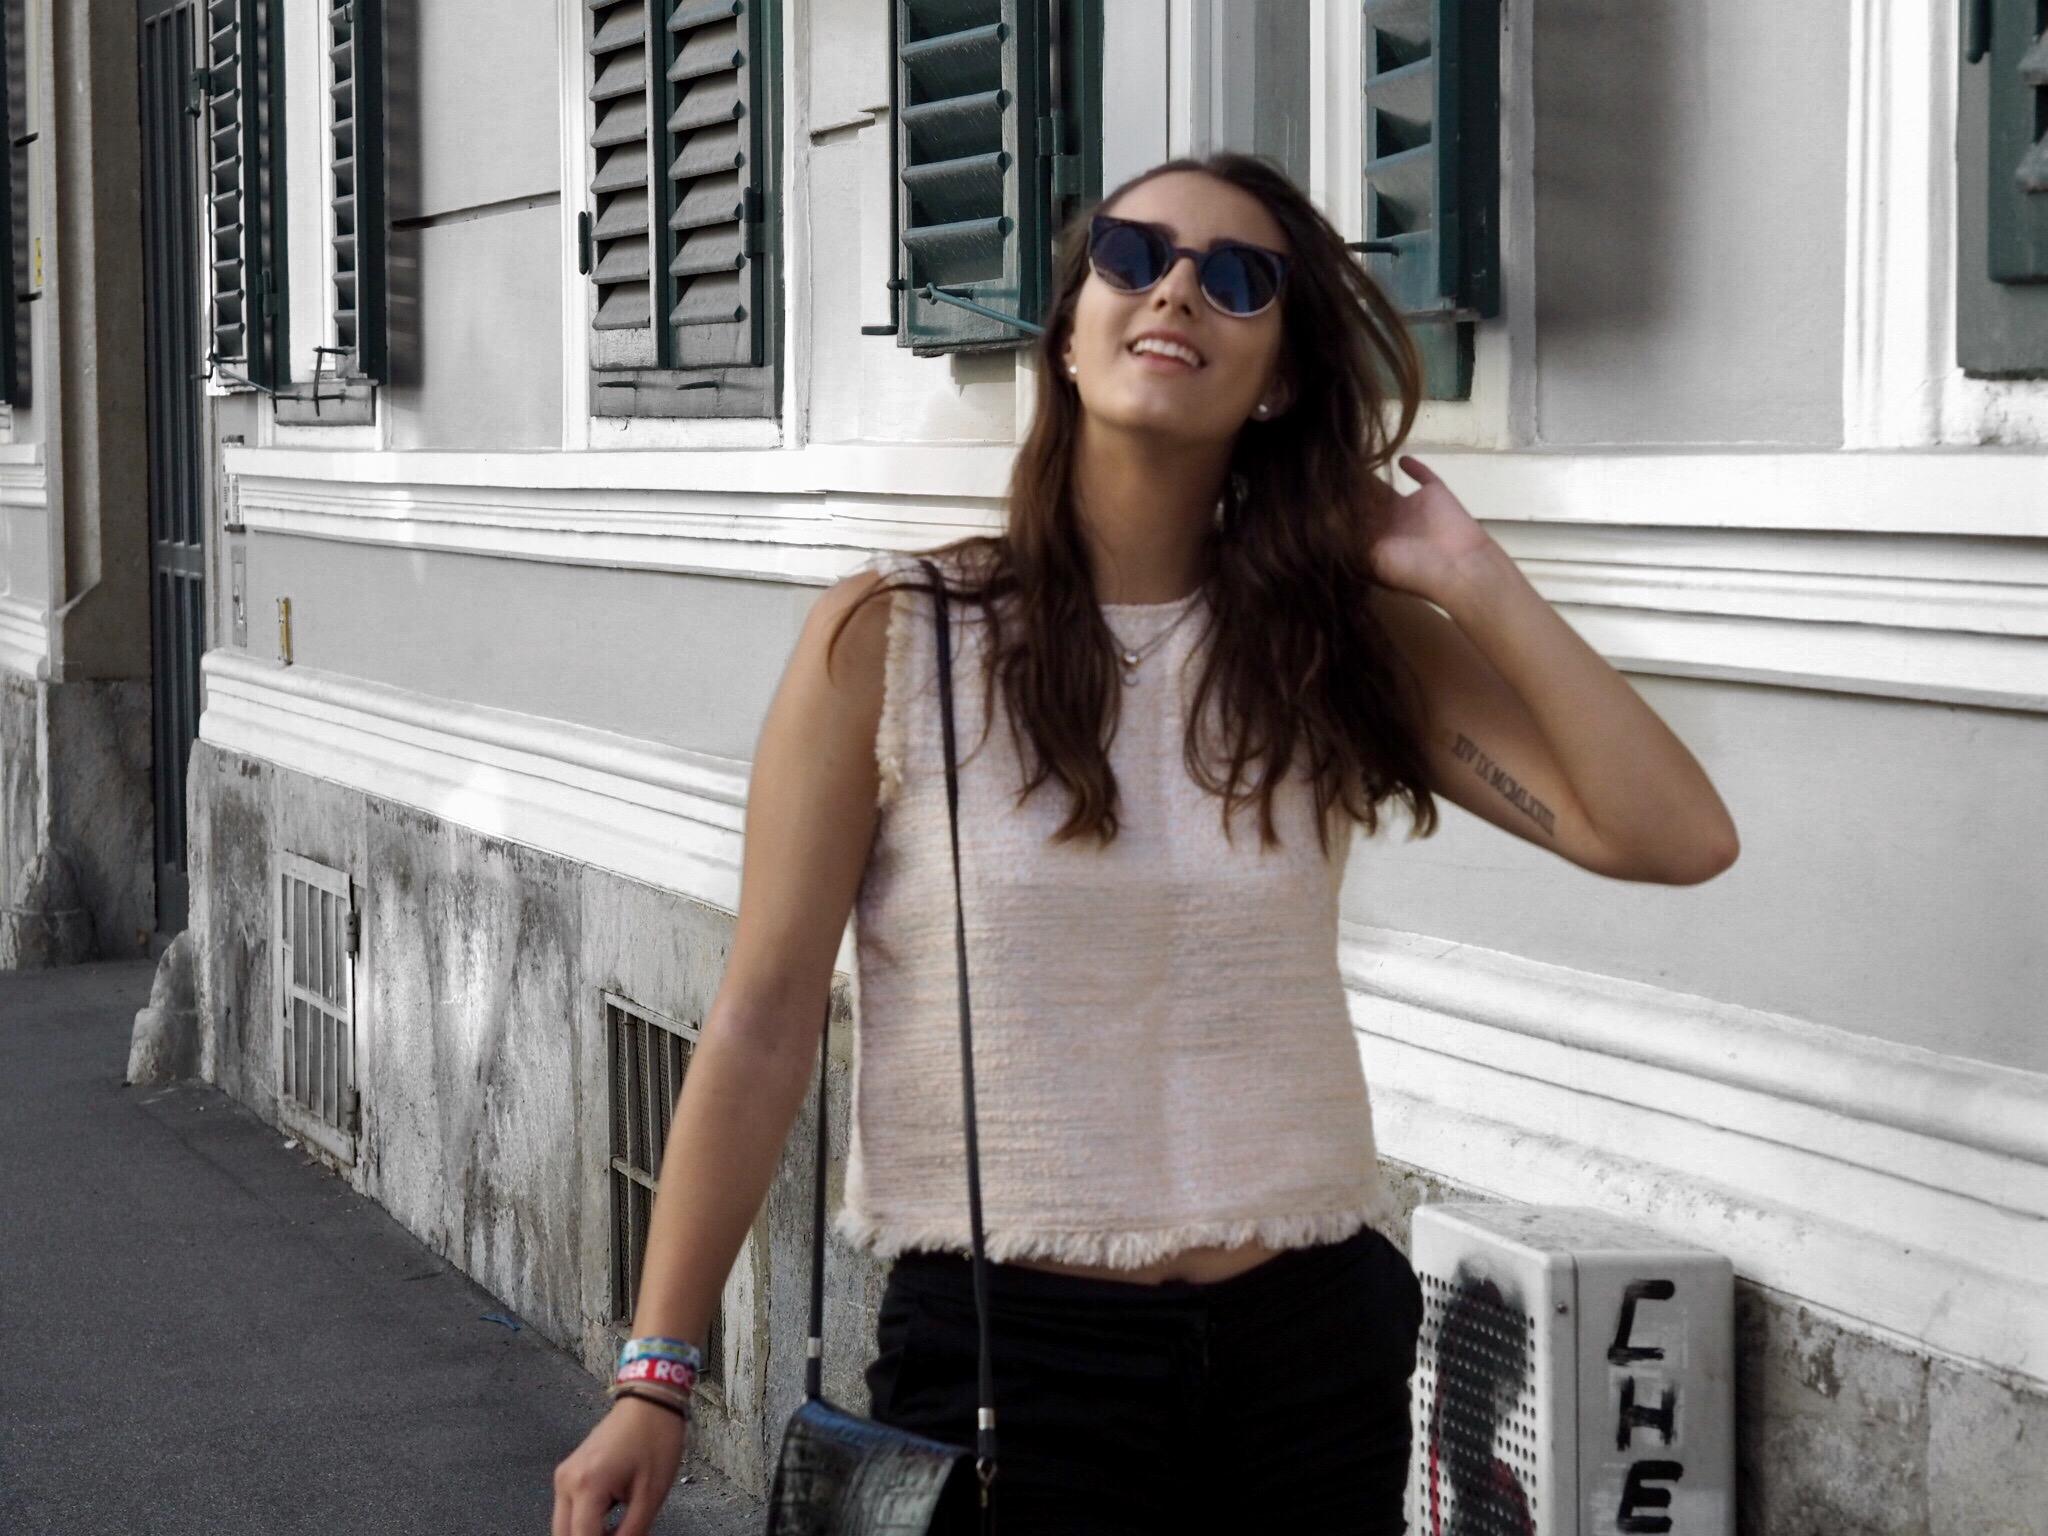 Meine Haarstory – Wie ich es geschafft habe meine Haare seltener waschen zu müssen